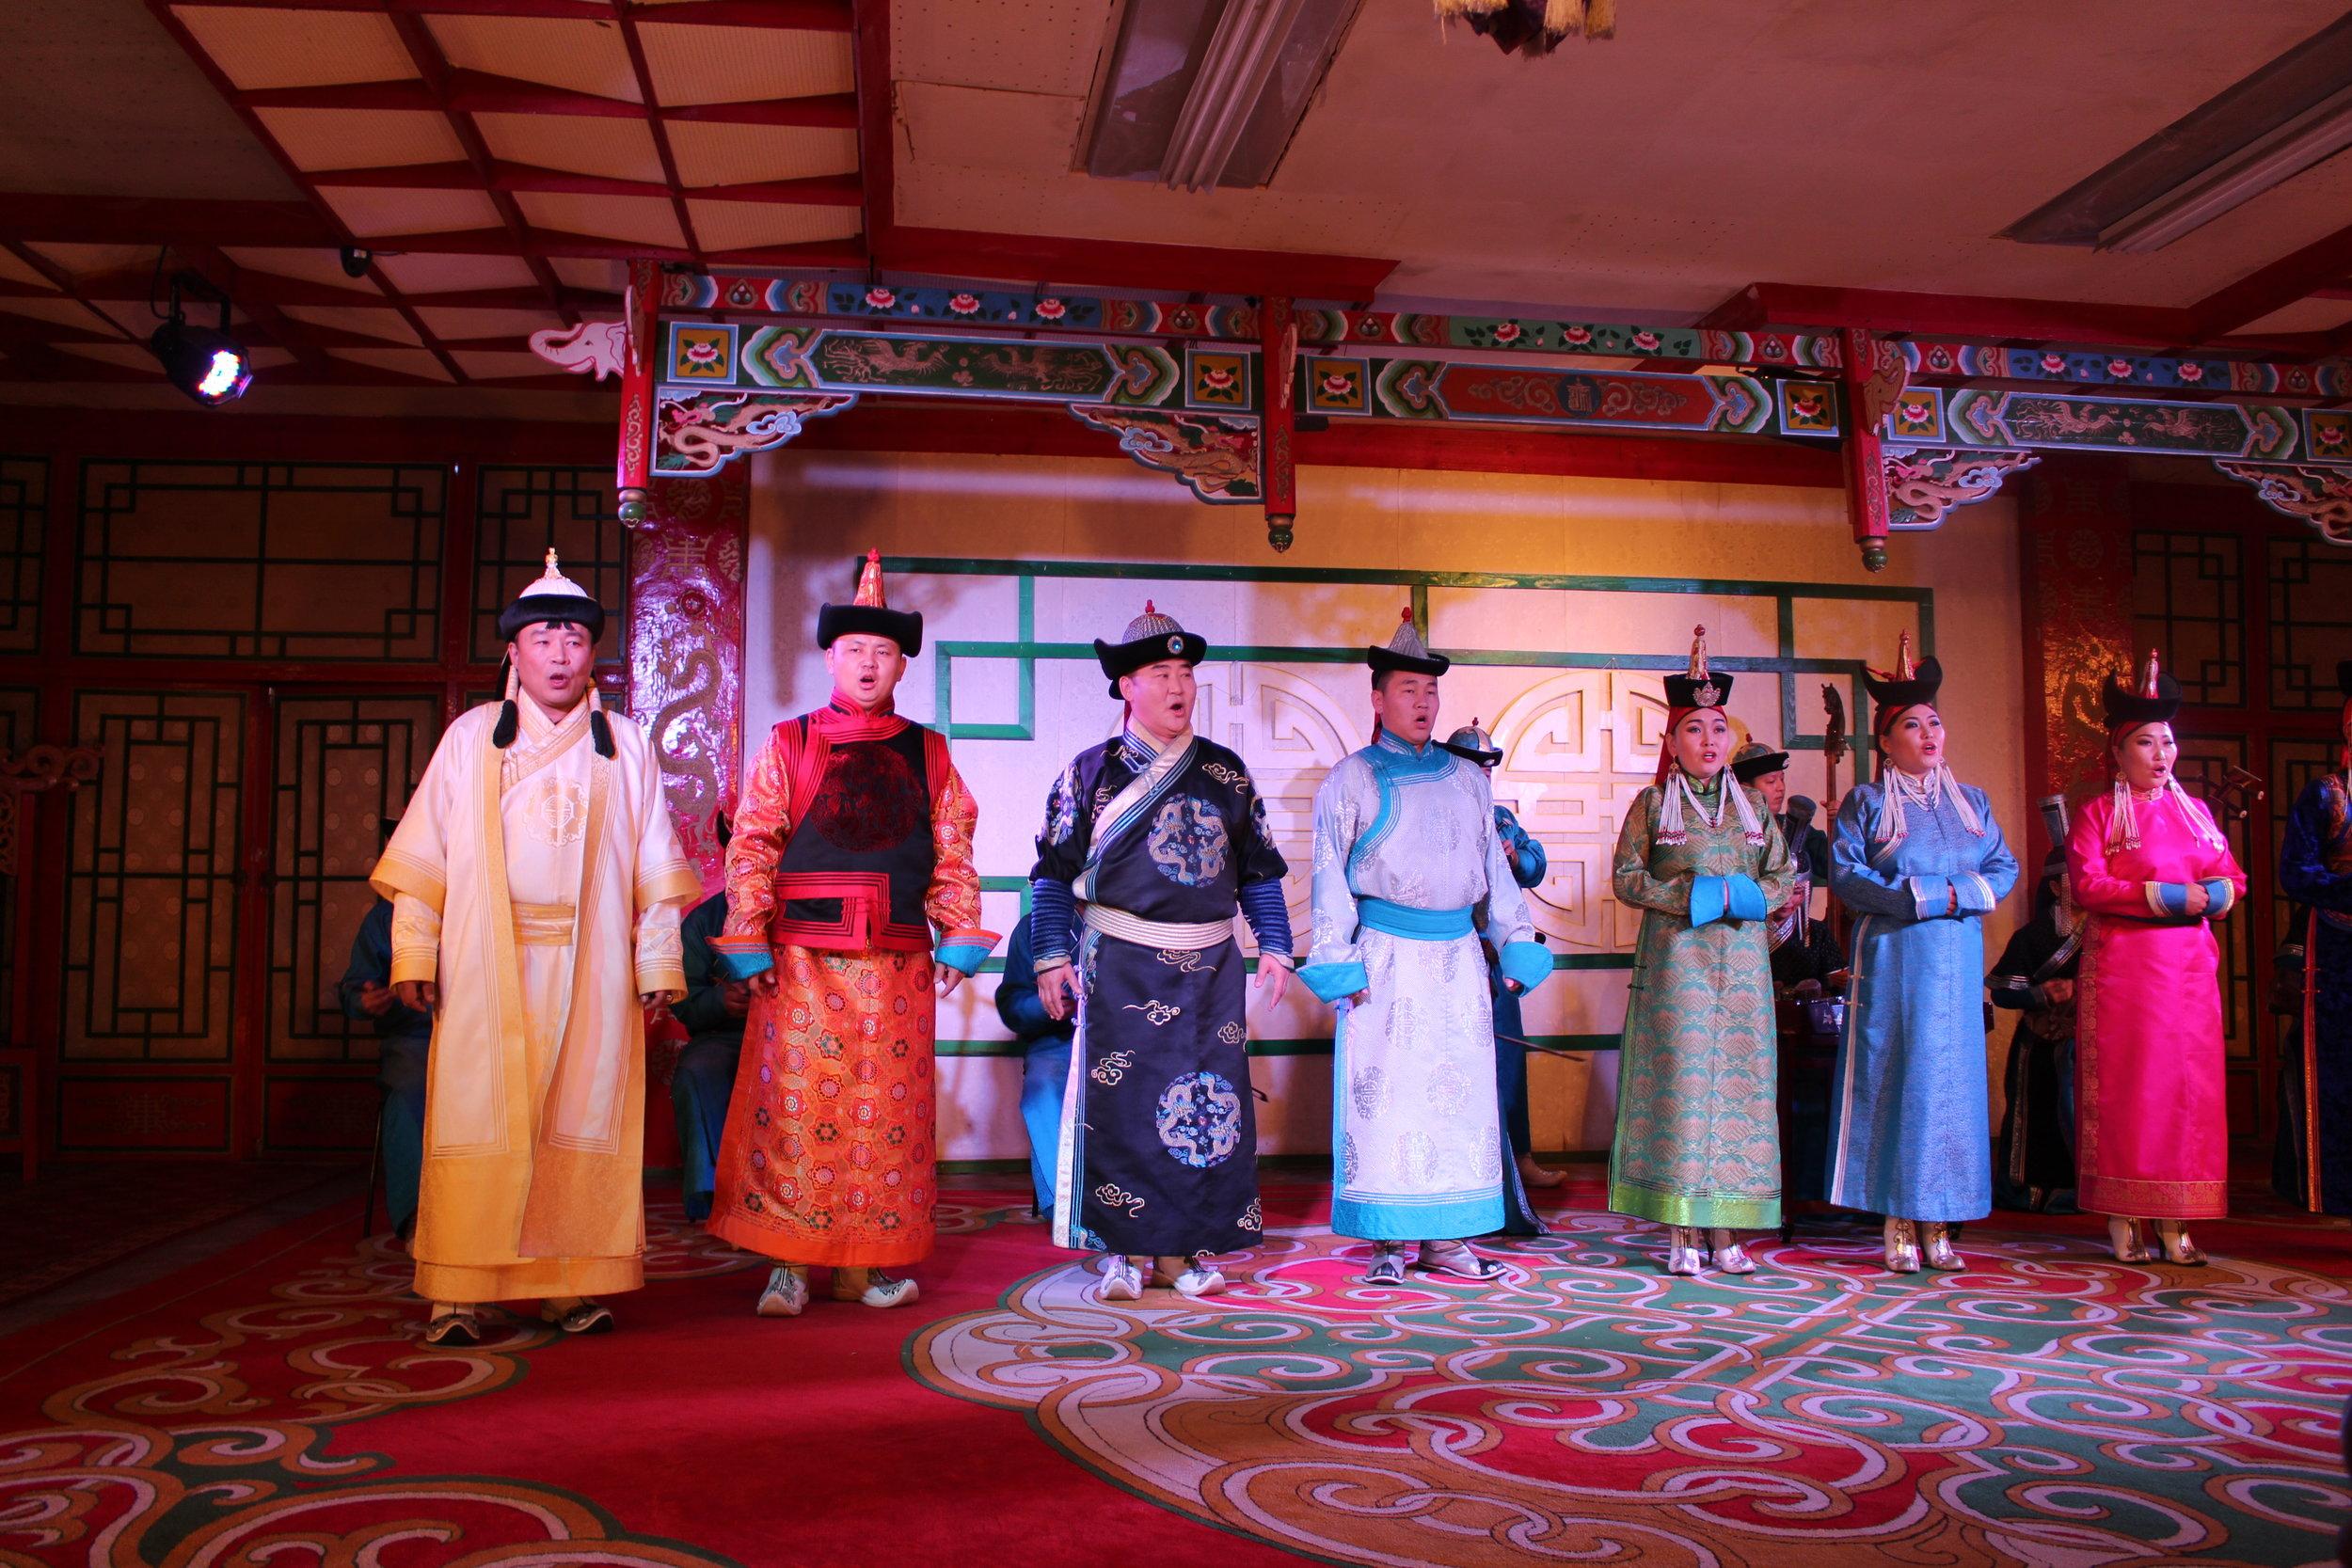 Mongolsk musikk, sang og dans.